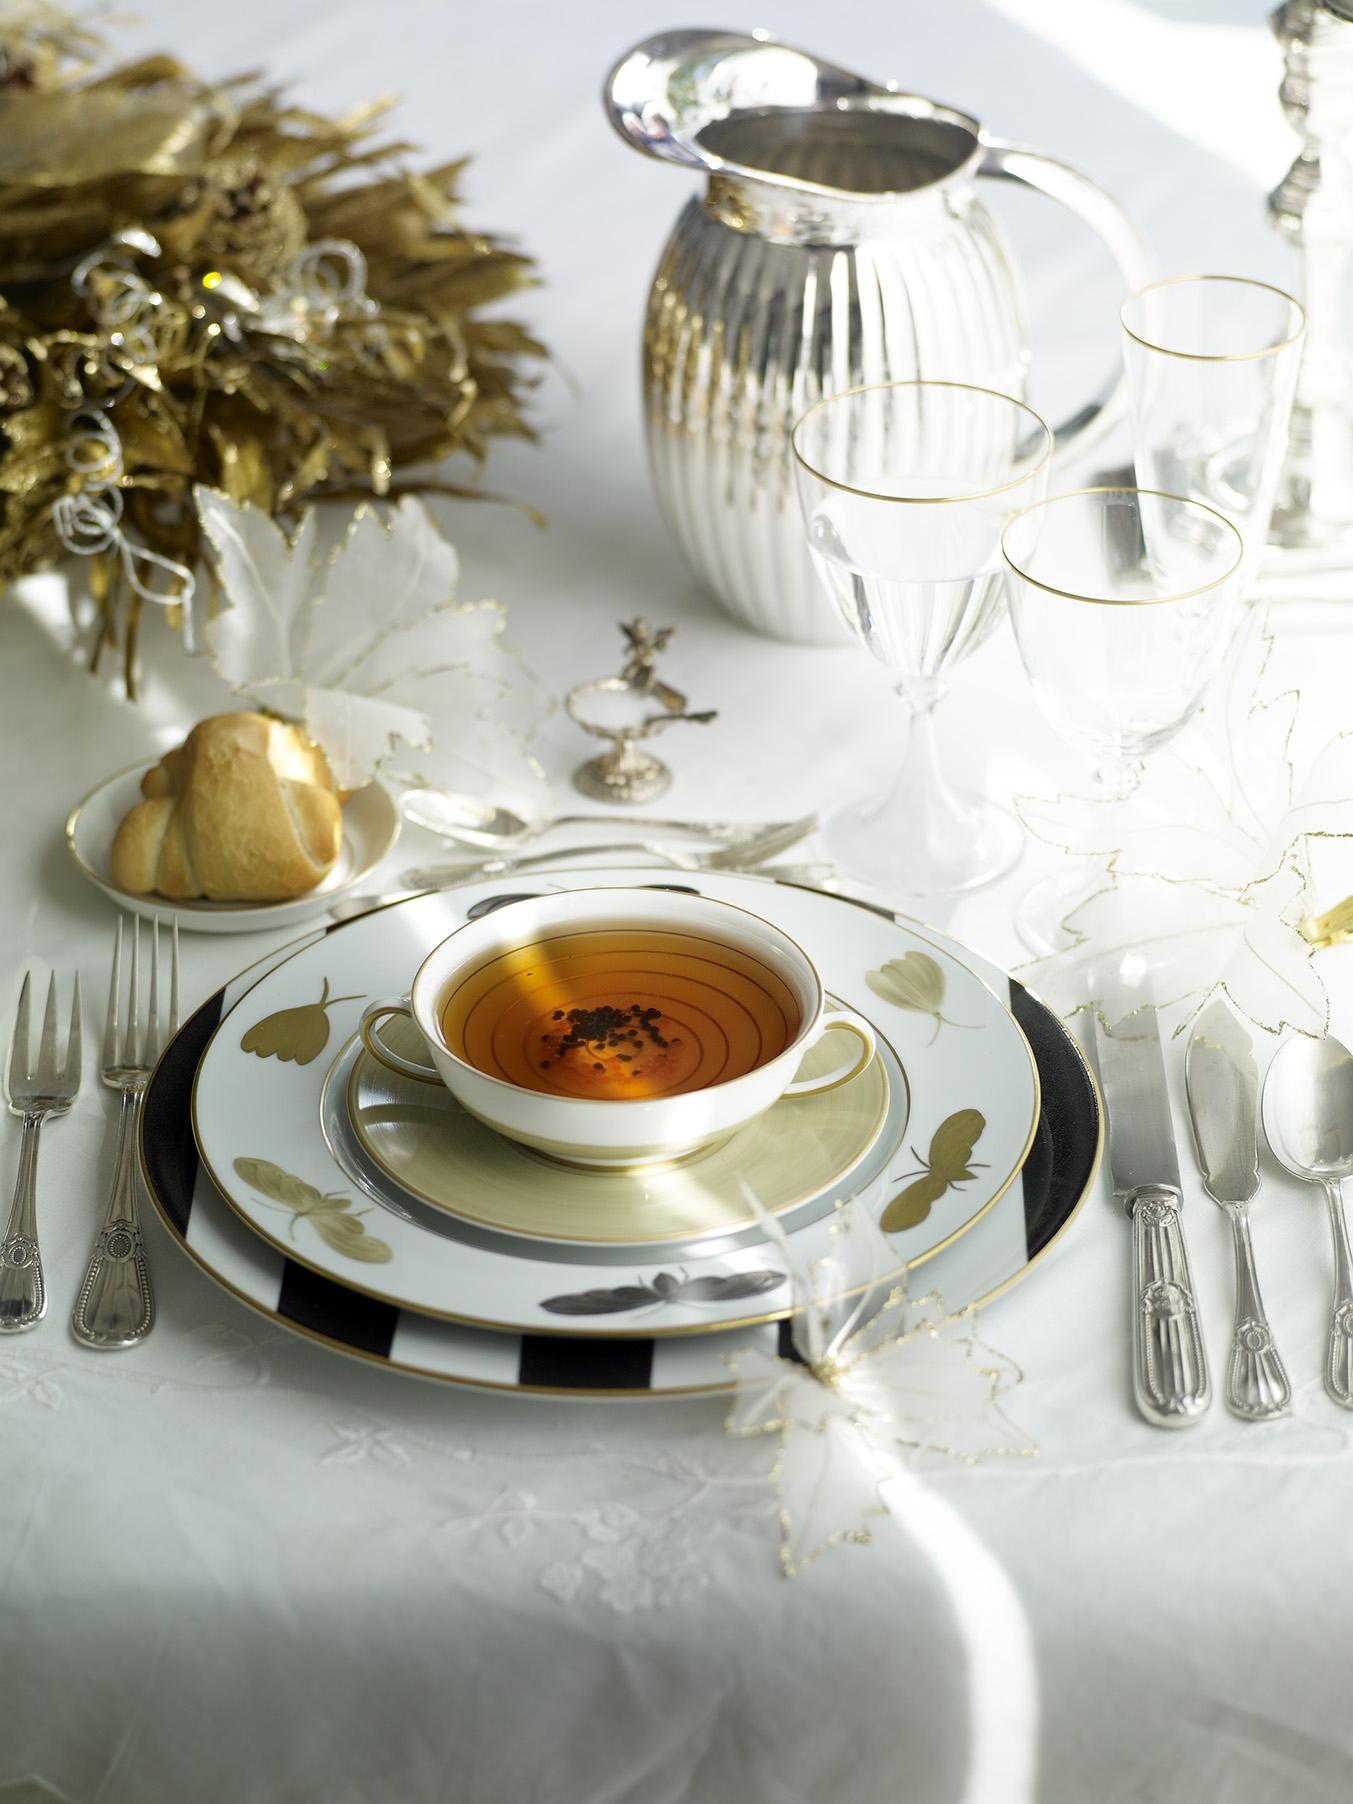 Curso de cocina especial de navidad con reyes bustamante for Cursos de cocina